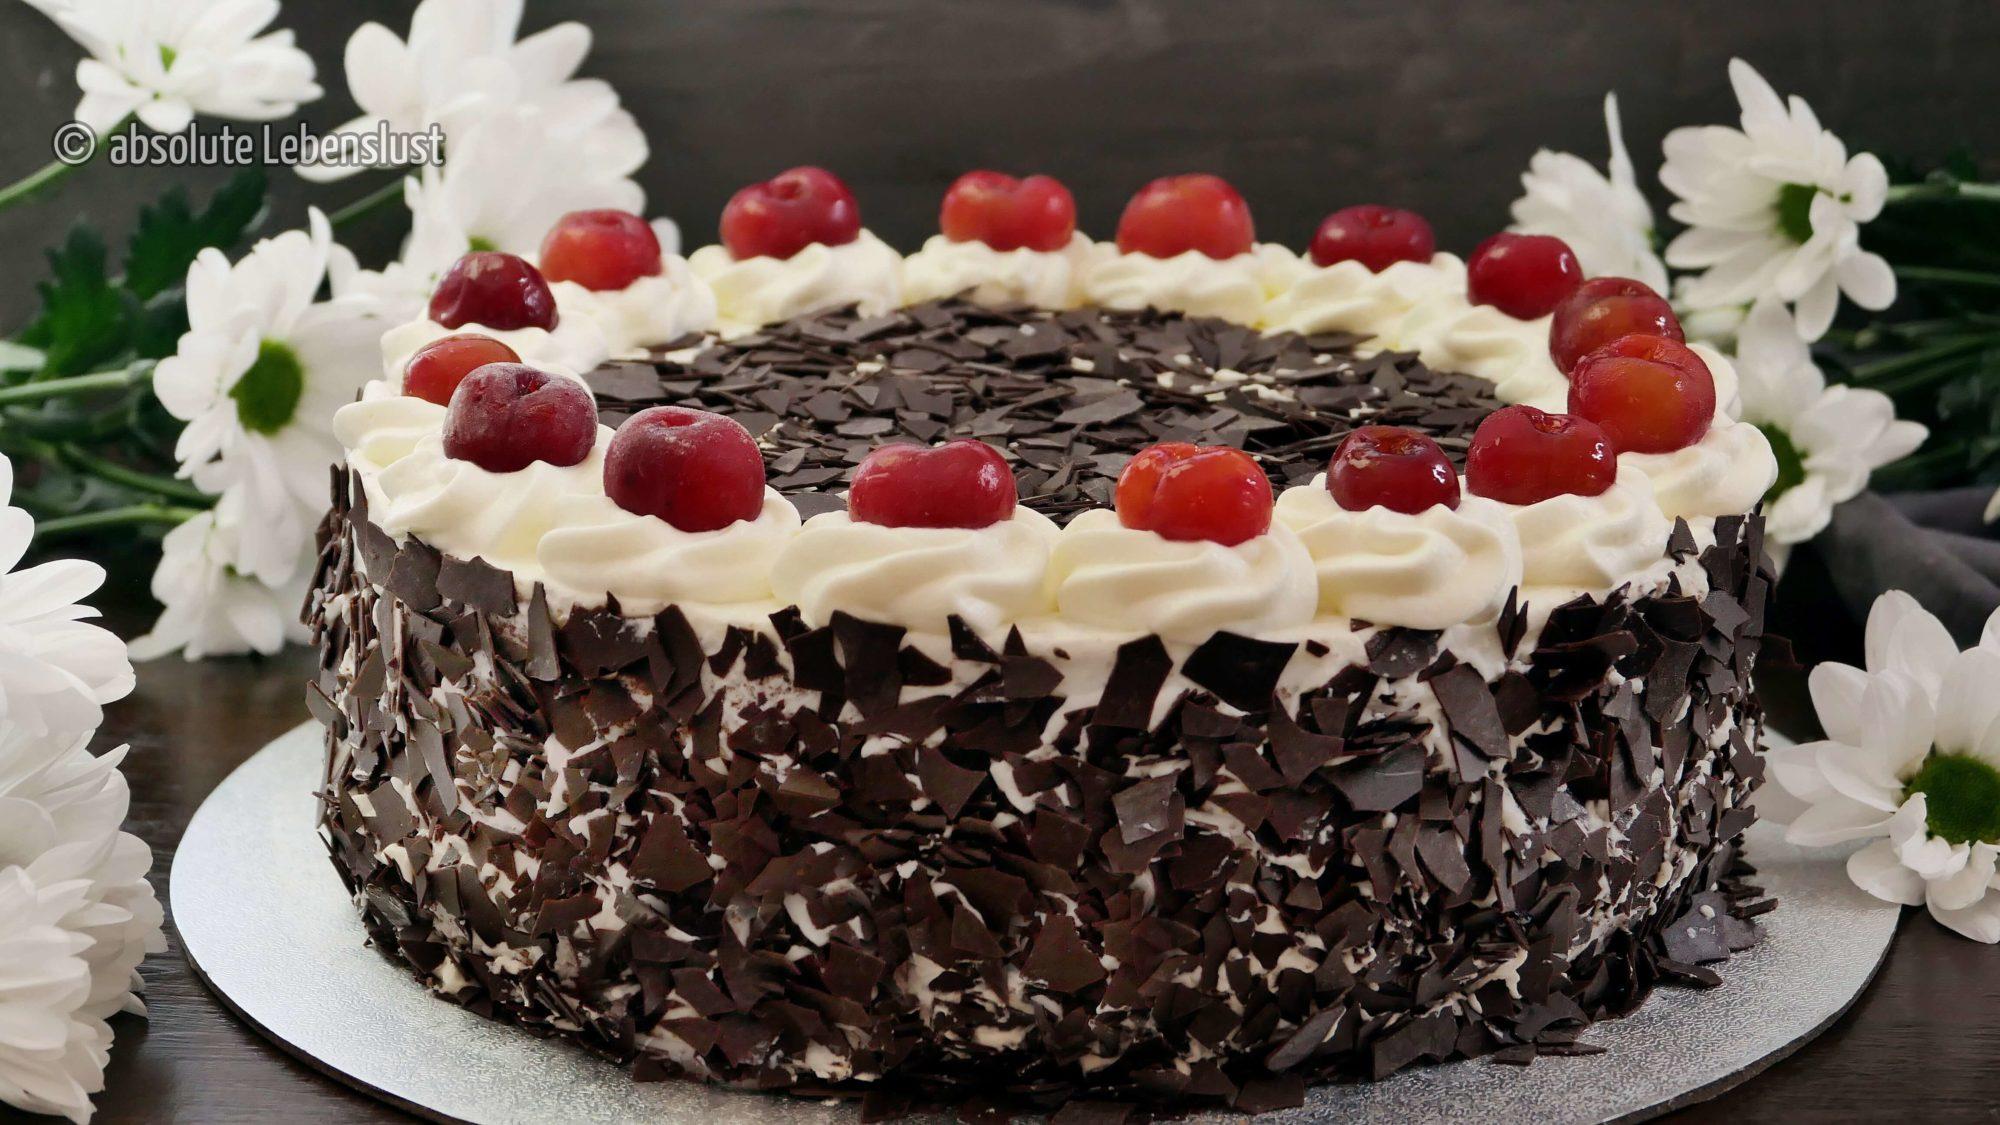 schwarzwälder kirschtorte, schwarzwälderkitschtorte, klassische torten, rezepte, backen, einfach, original schwarzwälder, kirschtorte